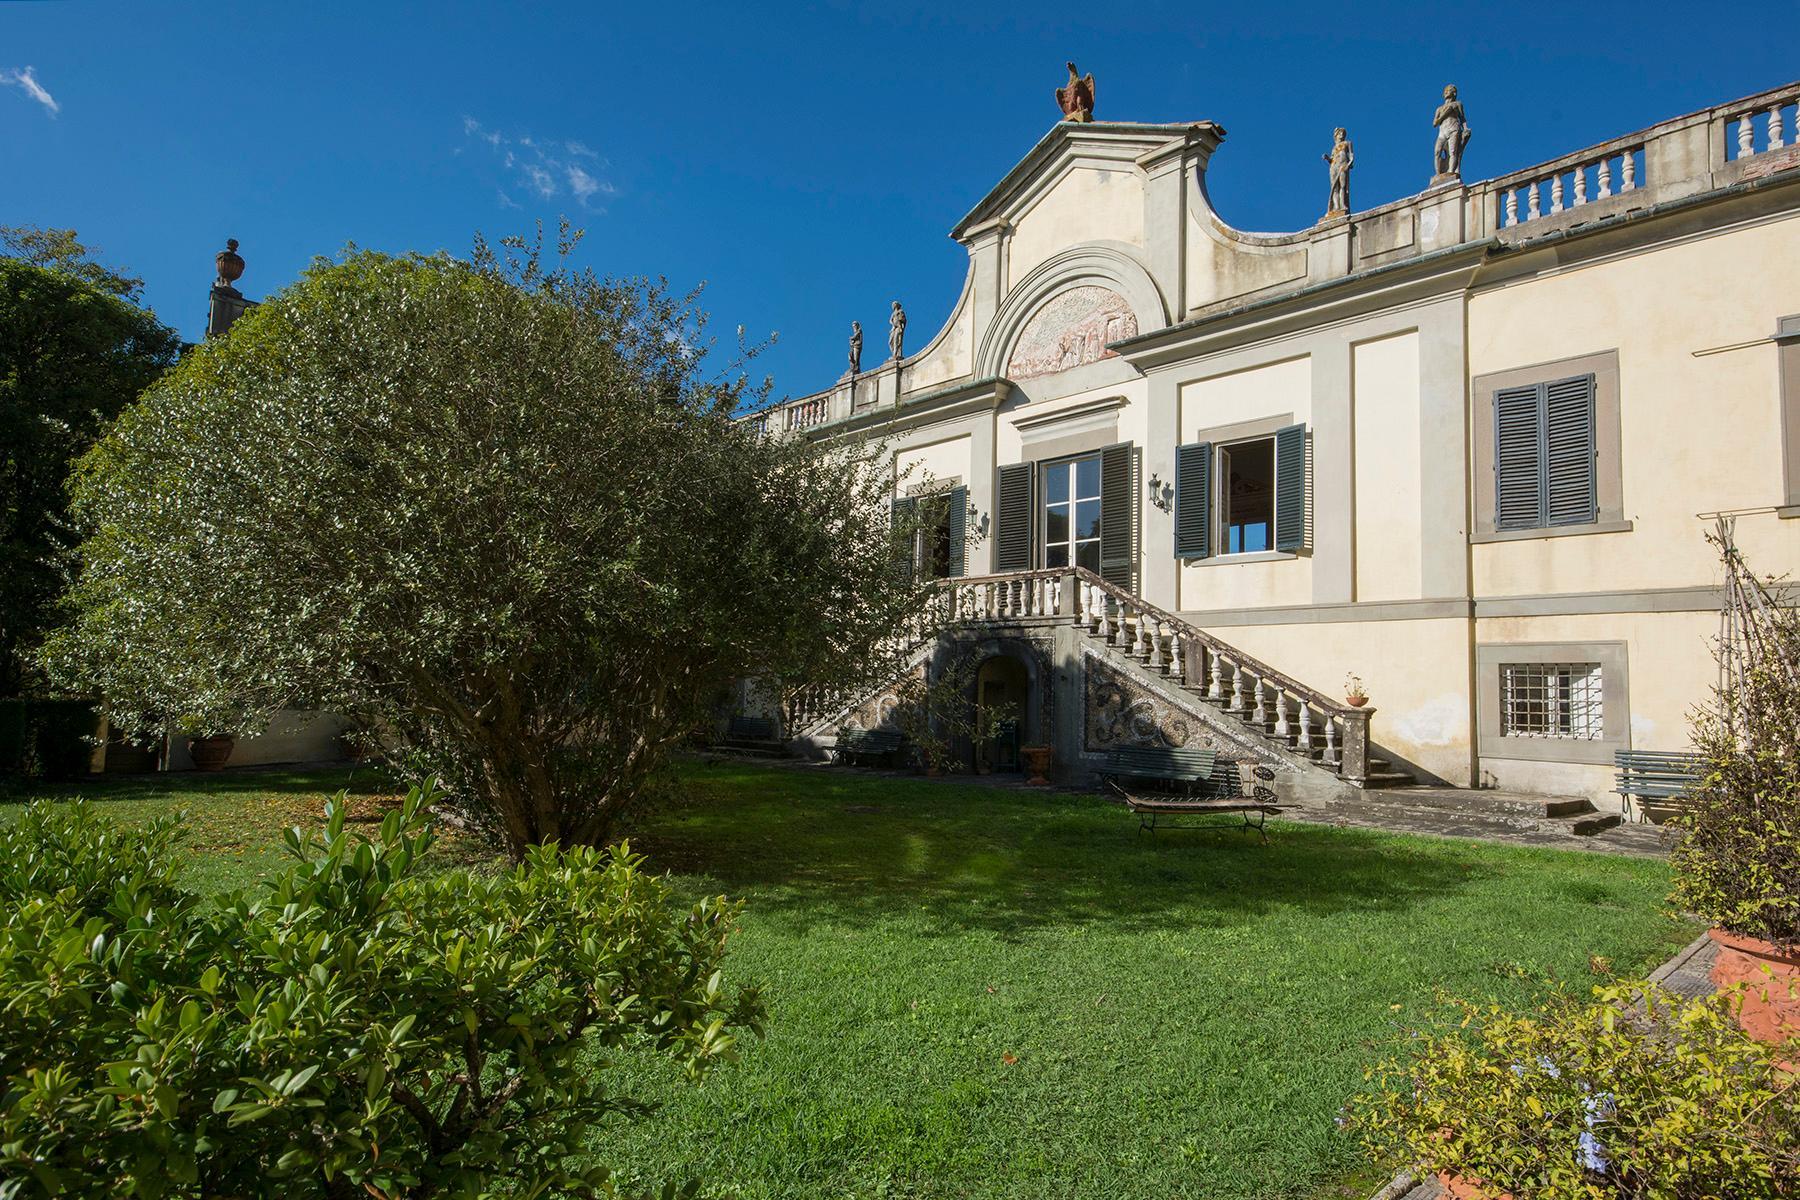 Magnifique villa historique dans la campagne de Lucca - 16